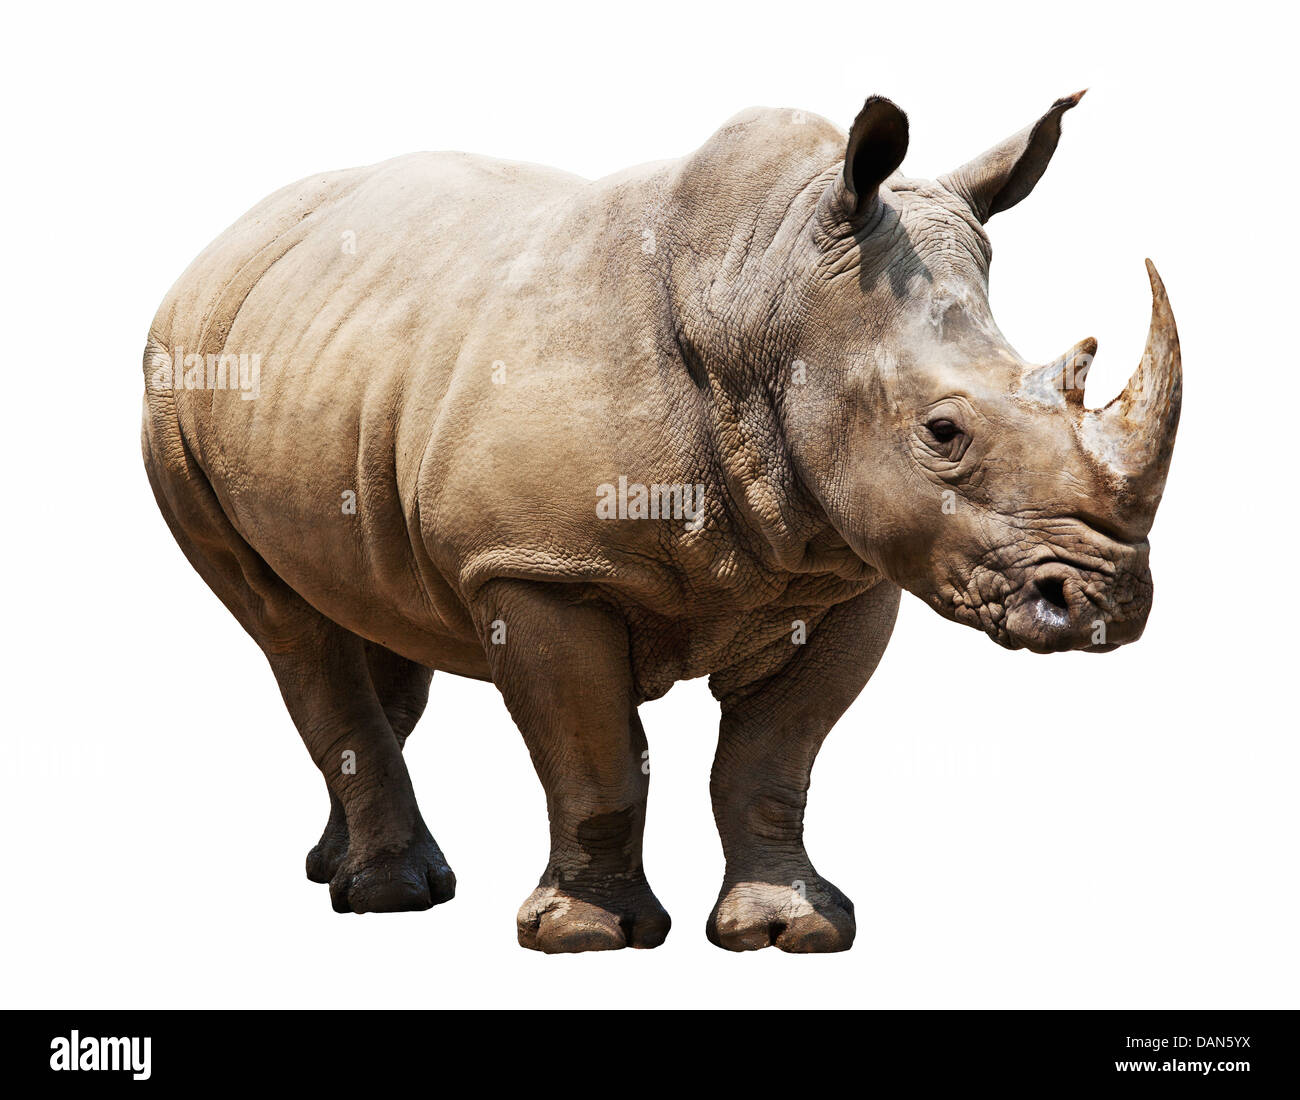 huge rhino isolated on white - Stock Image